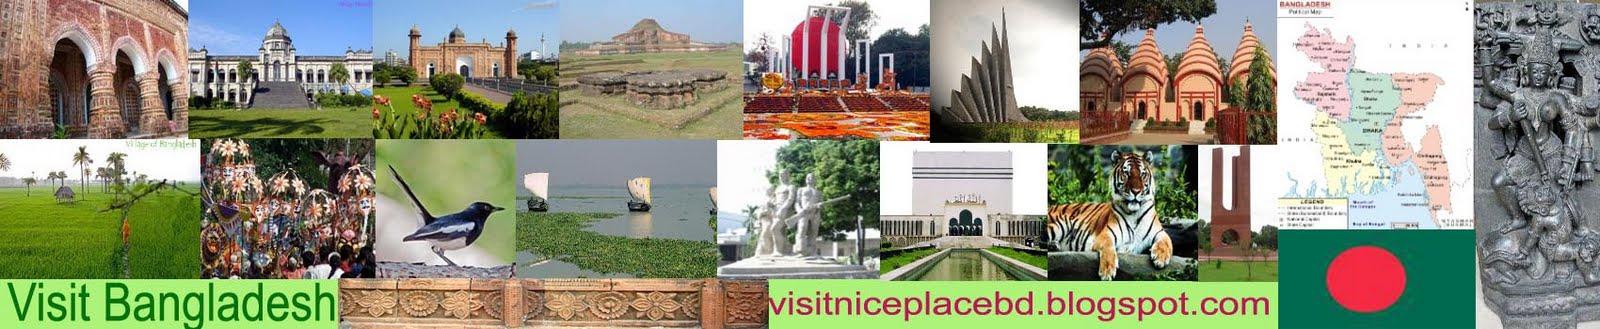 visit bangladesh